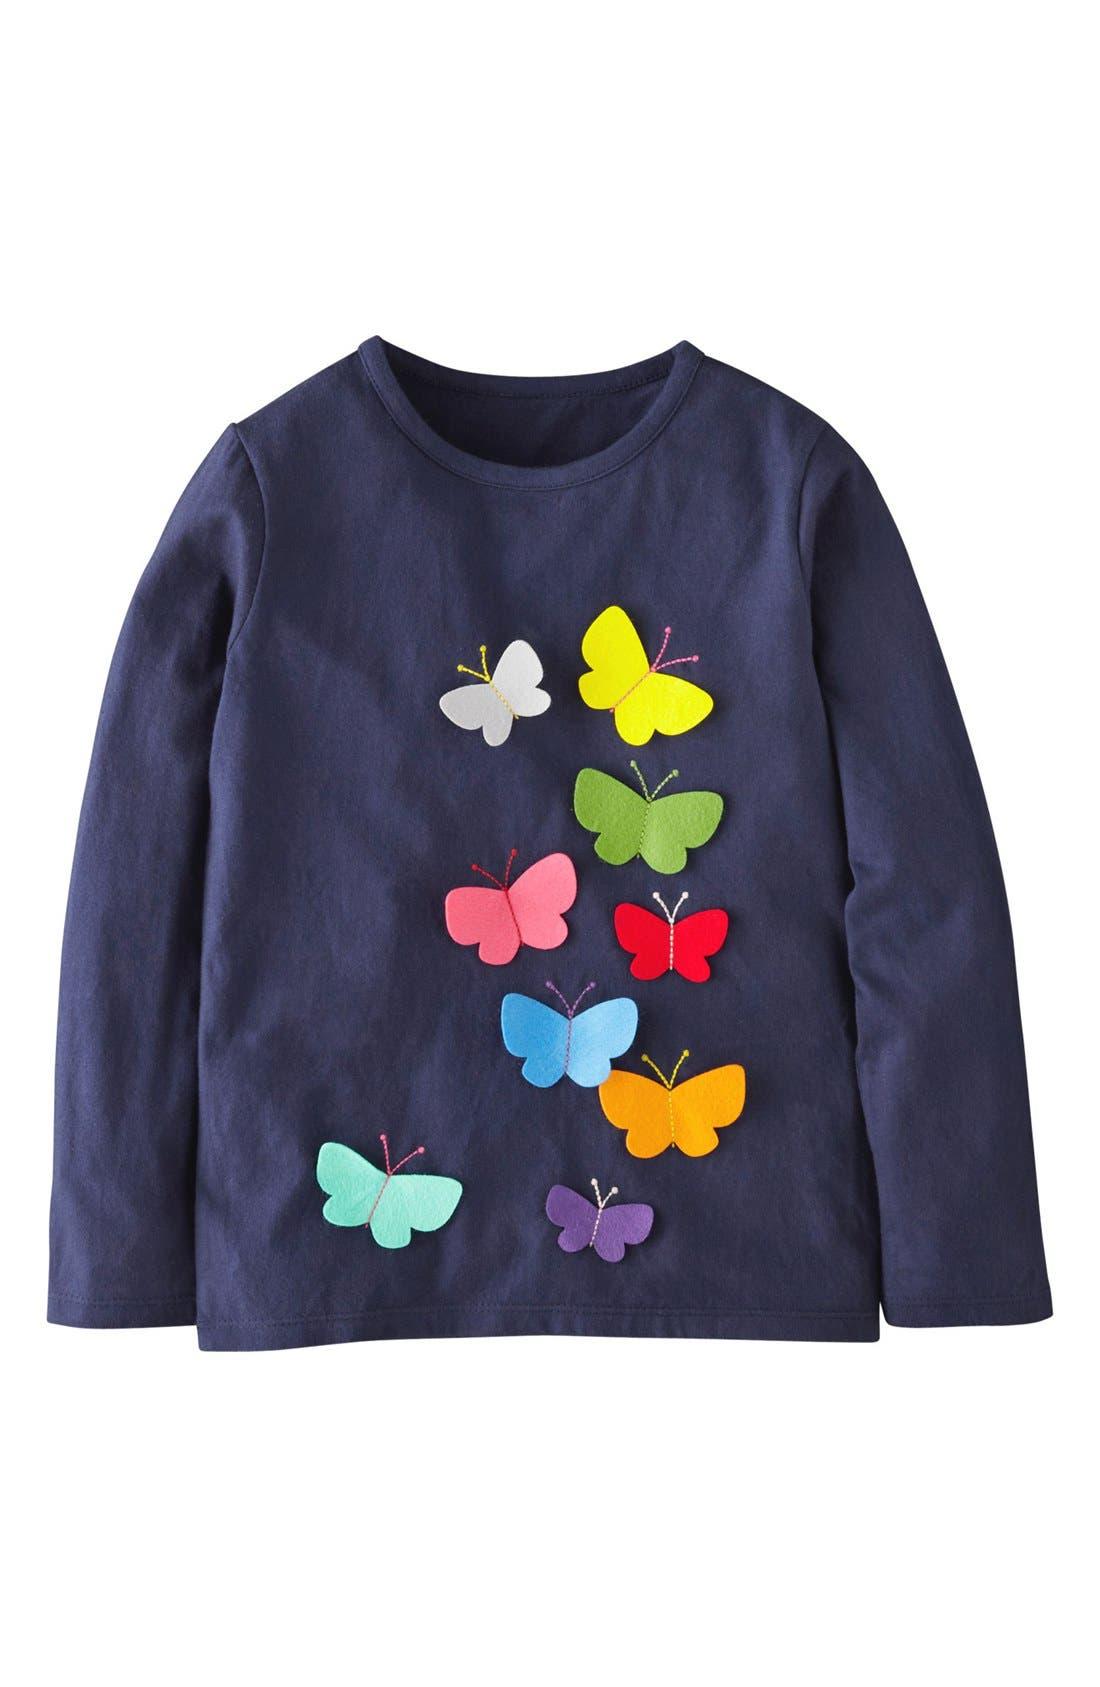 Main Image - Mini Boden 'Fluttery' Applique Long Sleeve Tee (Toddler Girls, Little Girls & Big Girls)